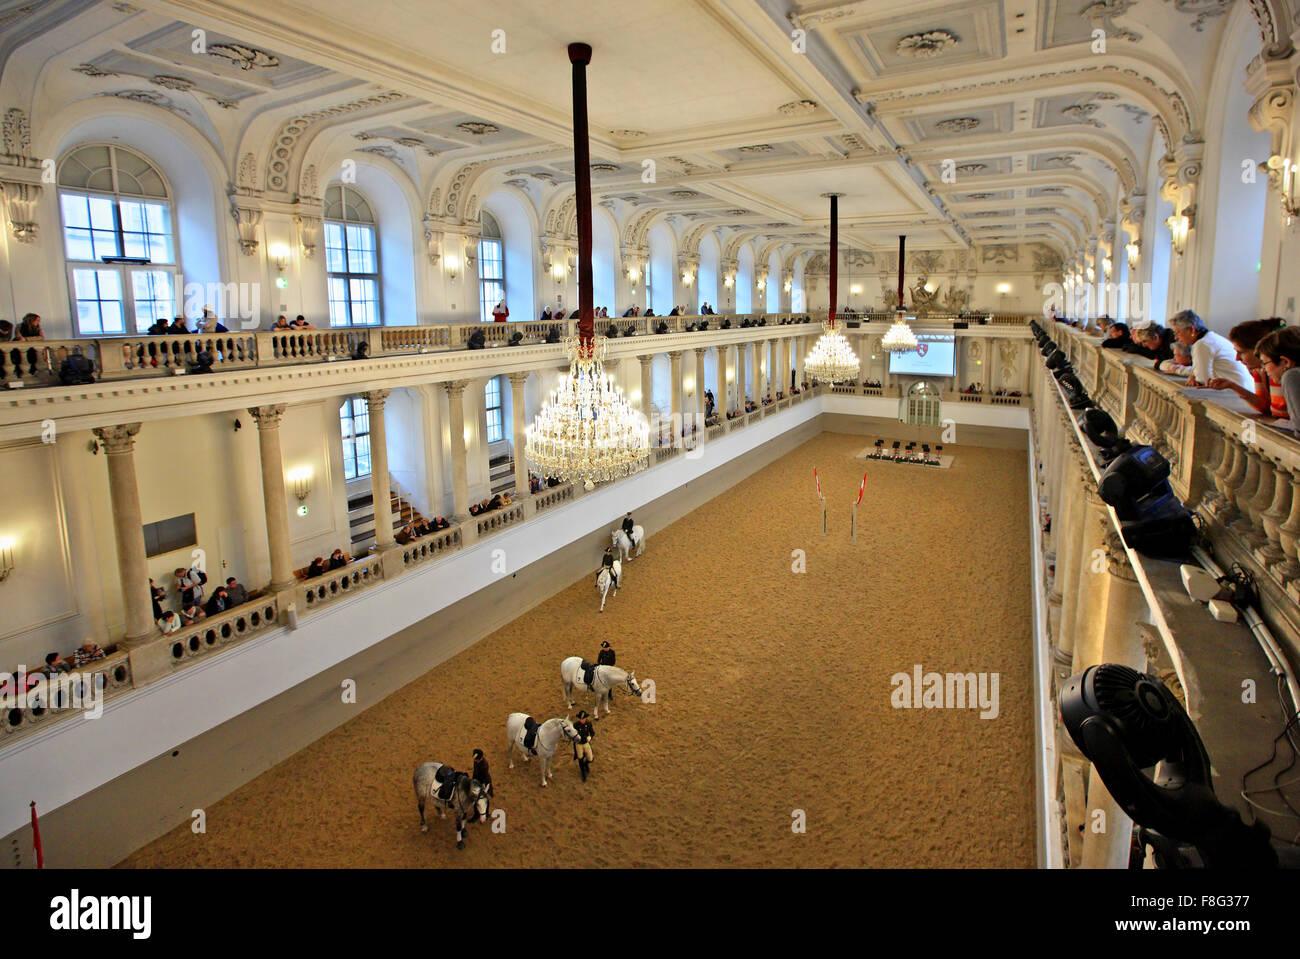 Mattina di formazione nella Scuola di Equitazione Spagnola, Hofburg, Austria, Vienna. Immagini Stock